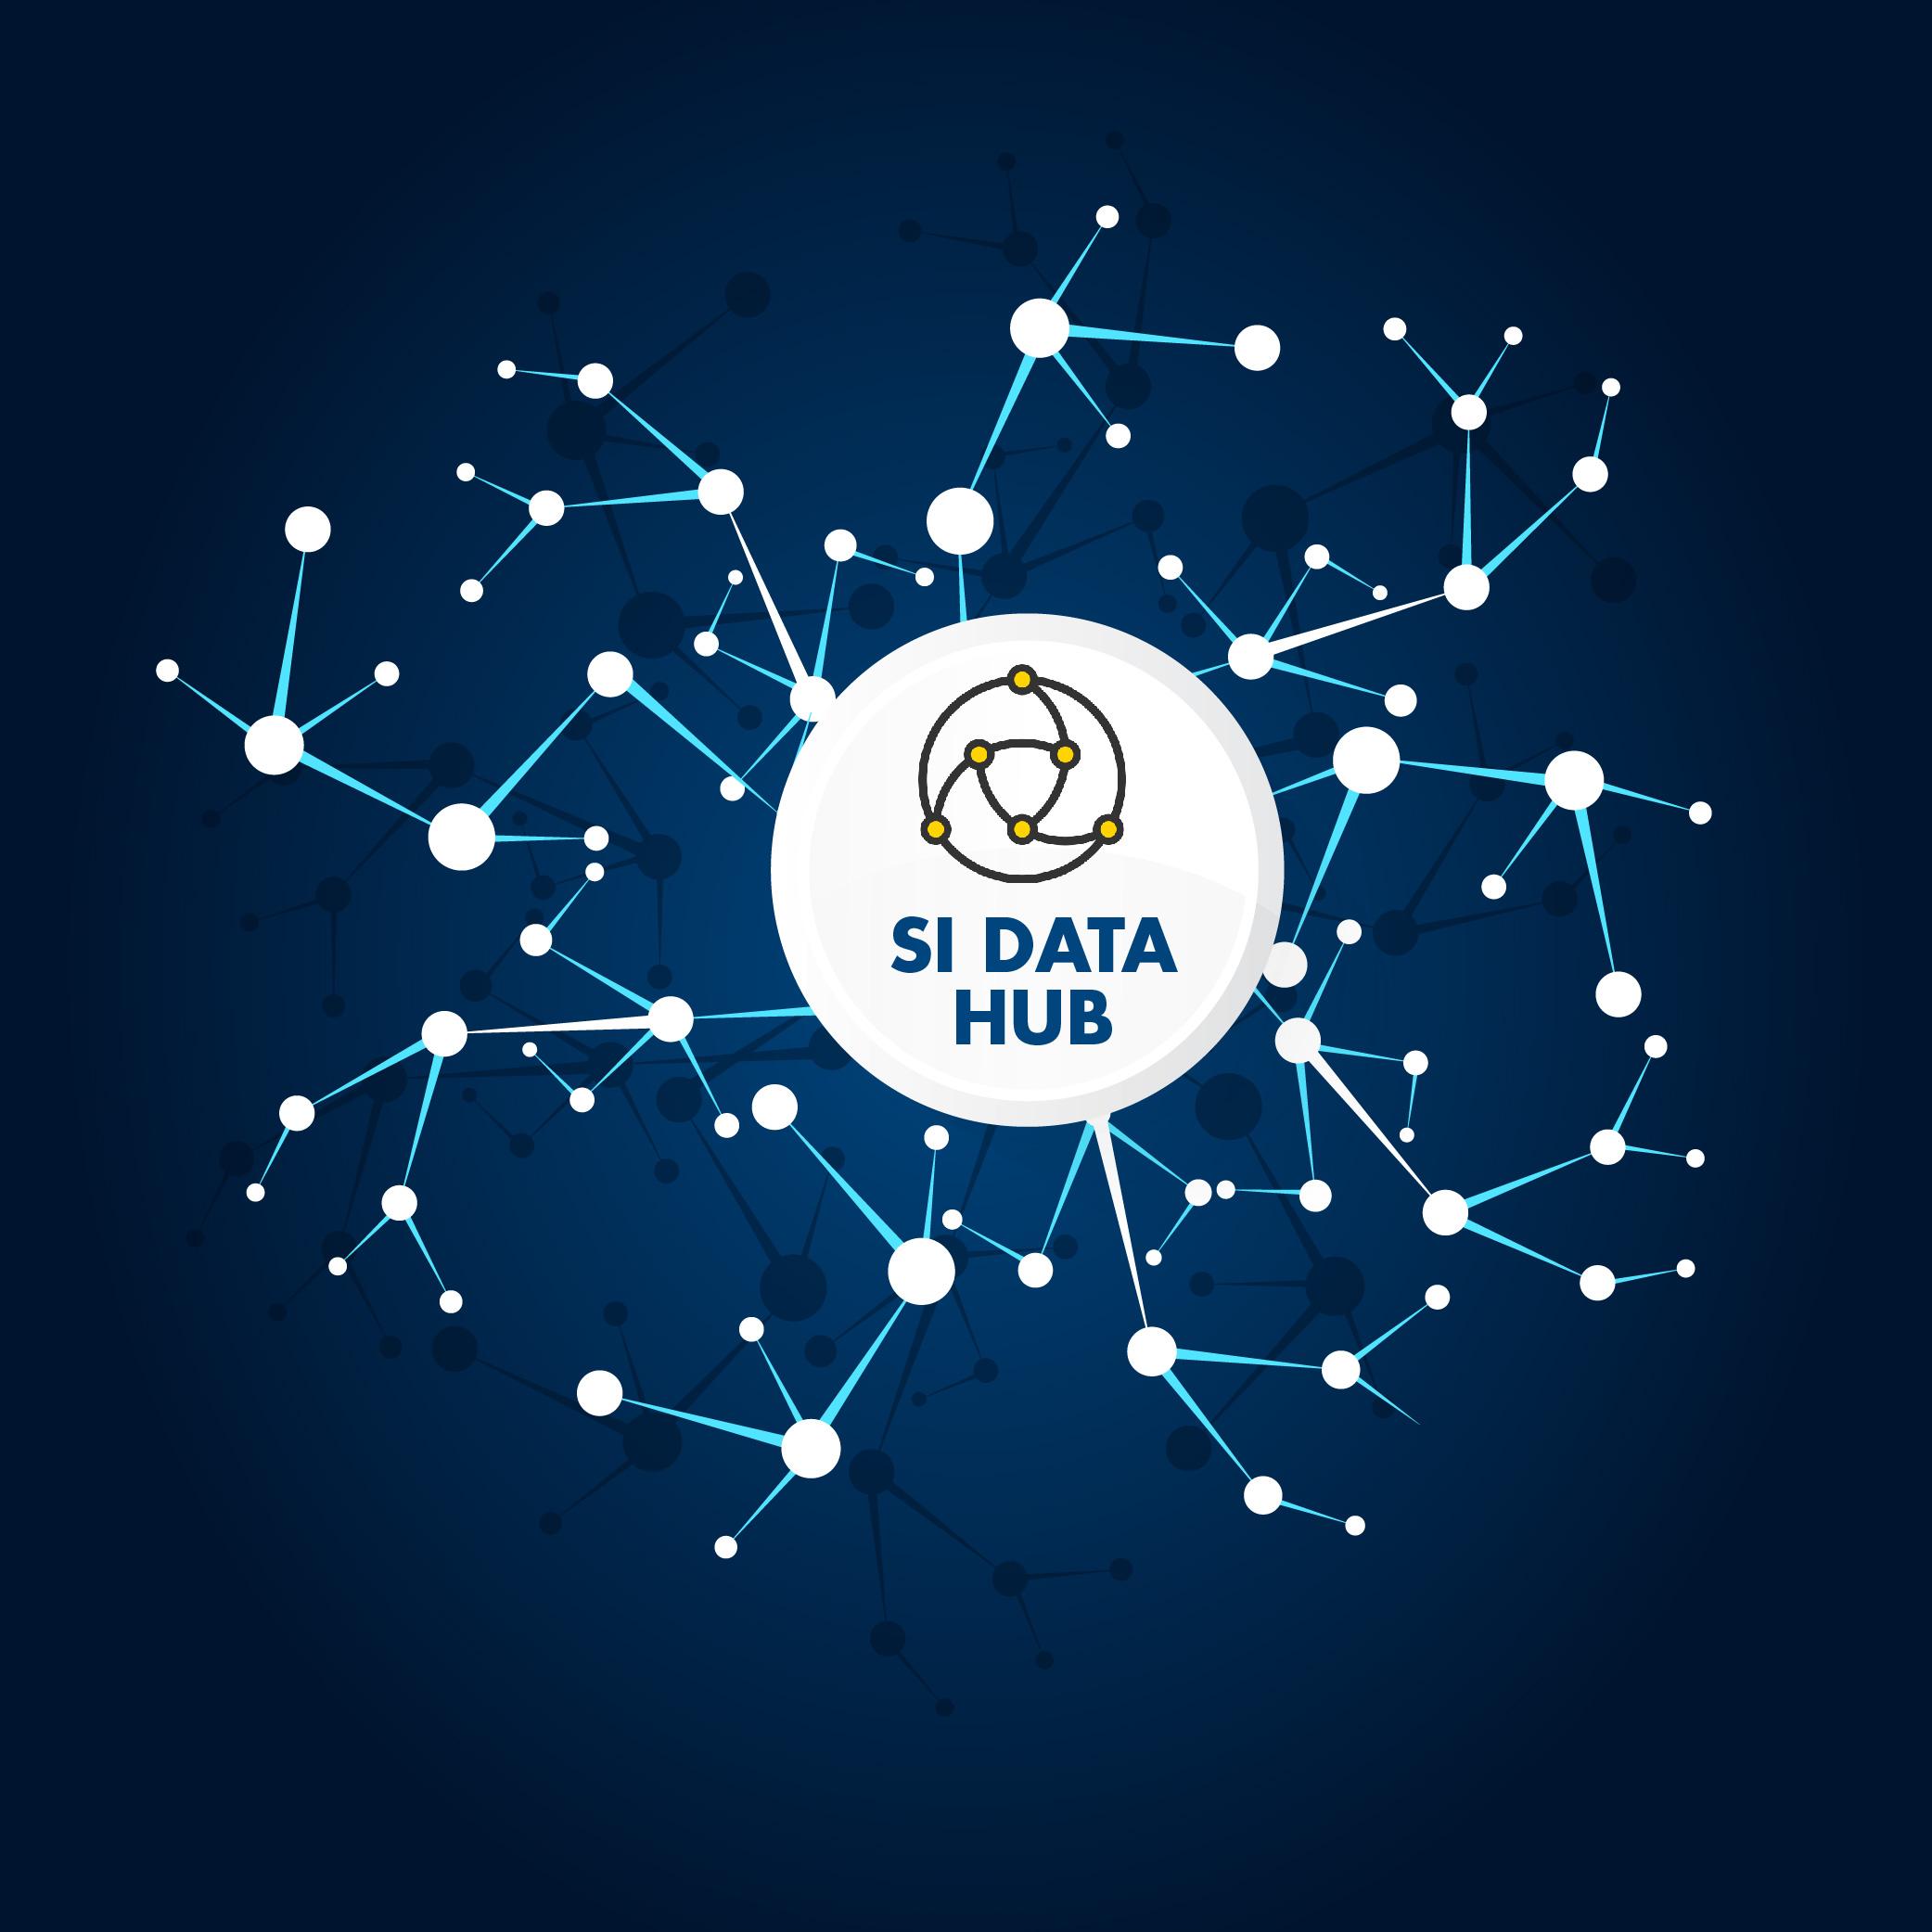 Vela's SI Data Hub